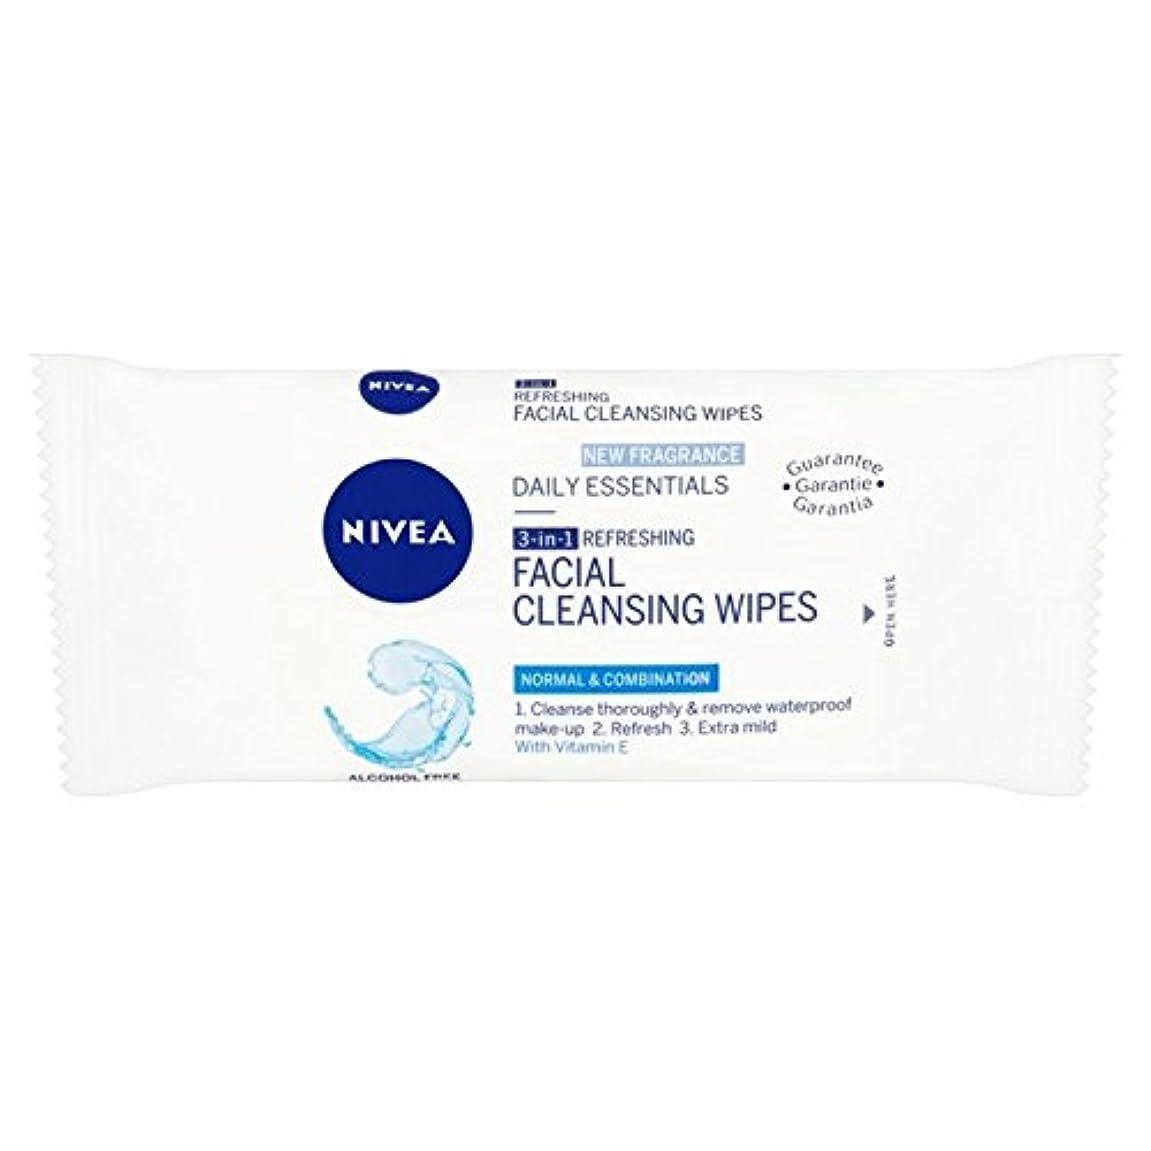 社会固有の代理店ニベアミニ洗顔パックあたりの旅行パック7ワイプ x4 - Nivea Mini Facial Cleansing Wipes Travel Pack 7 per pack (Pack of 4) [並行輸入品]